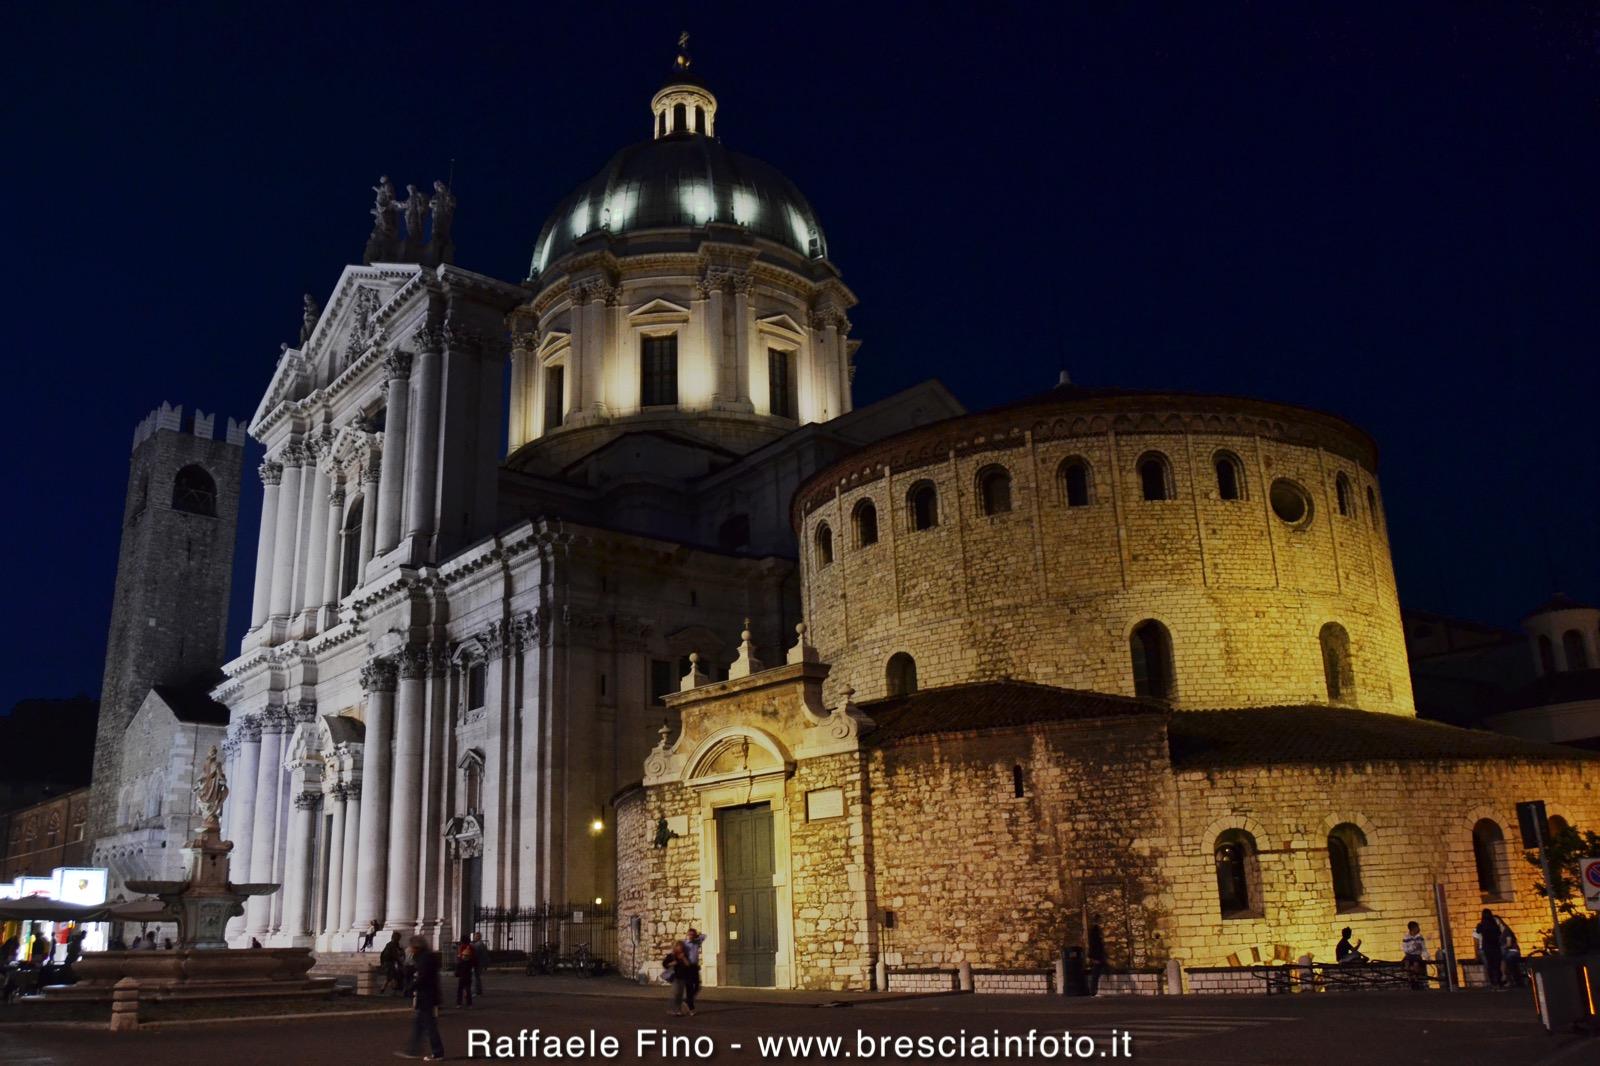 Piazza del Duomo, Brescia